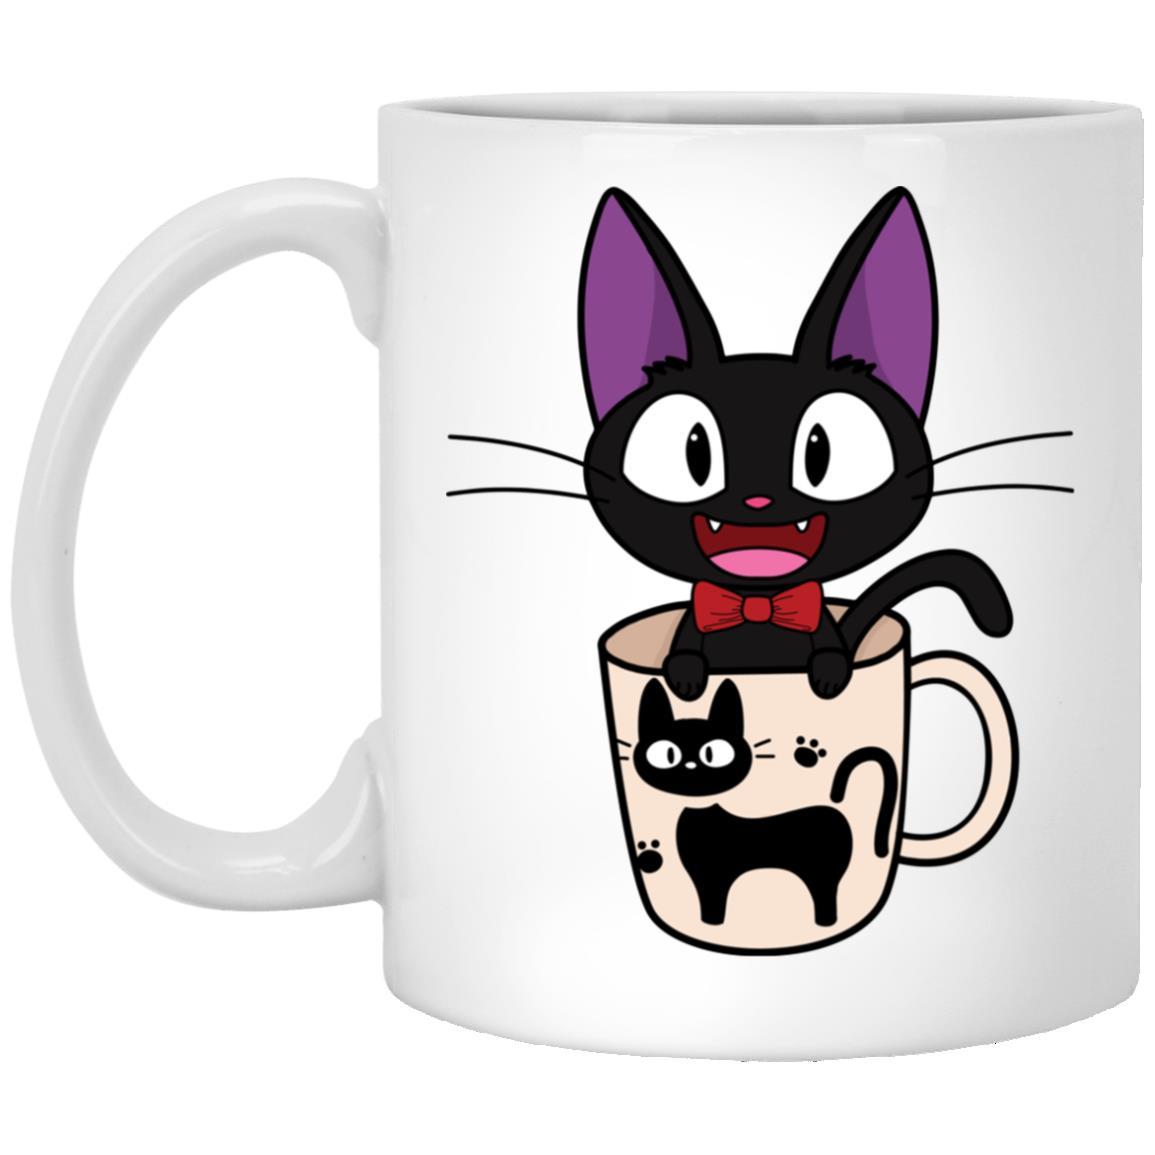 Jiji in the Cat Cup Mug